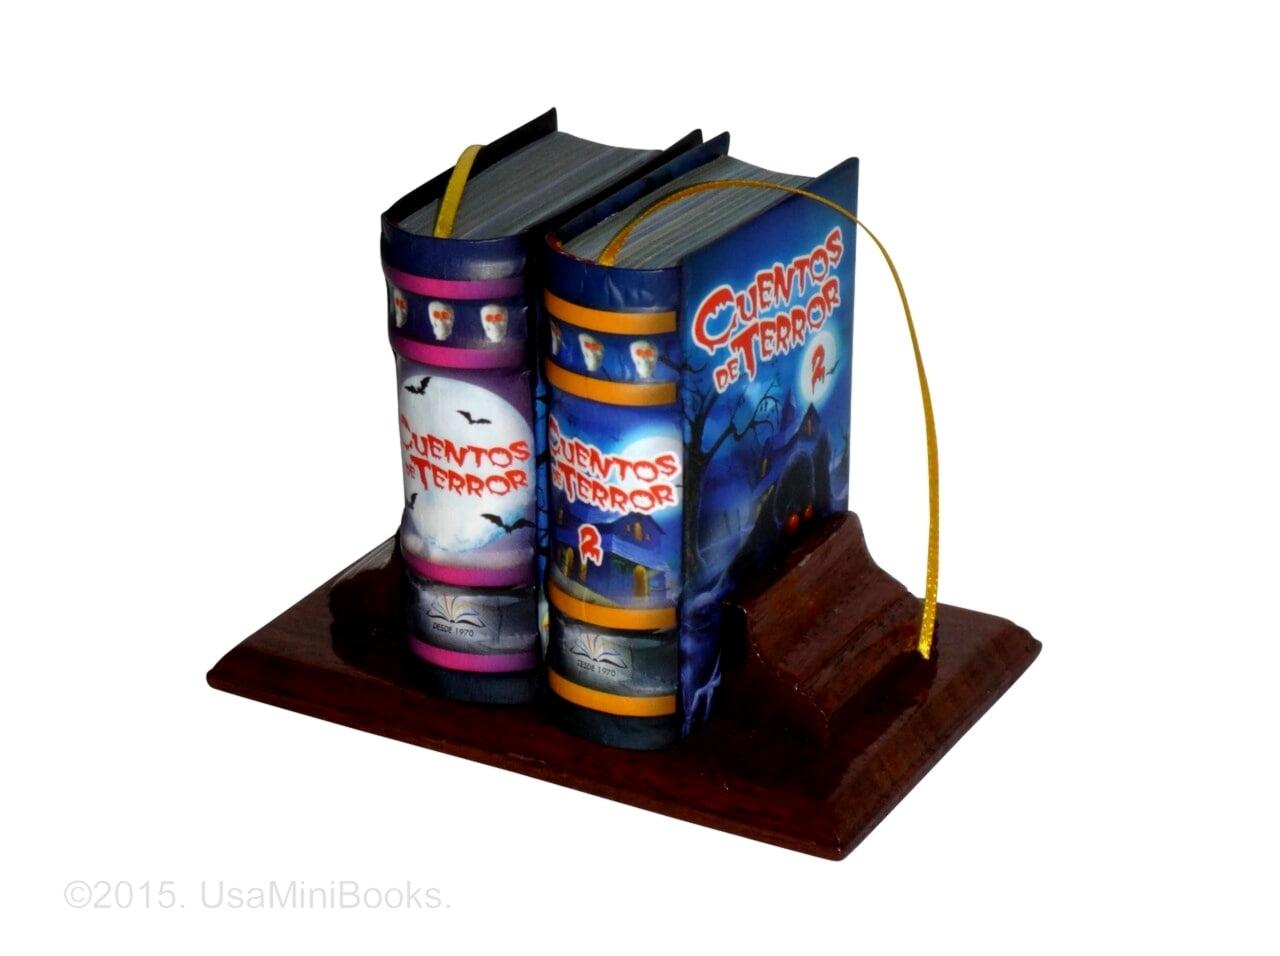 Cuentos_Terror-miniature-book-libro